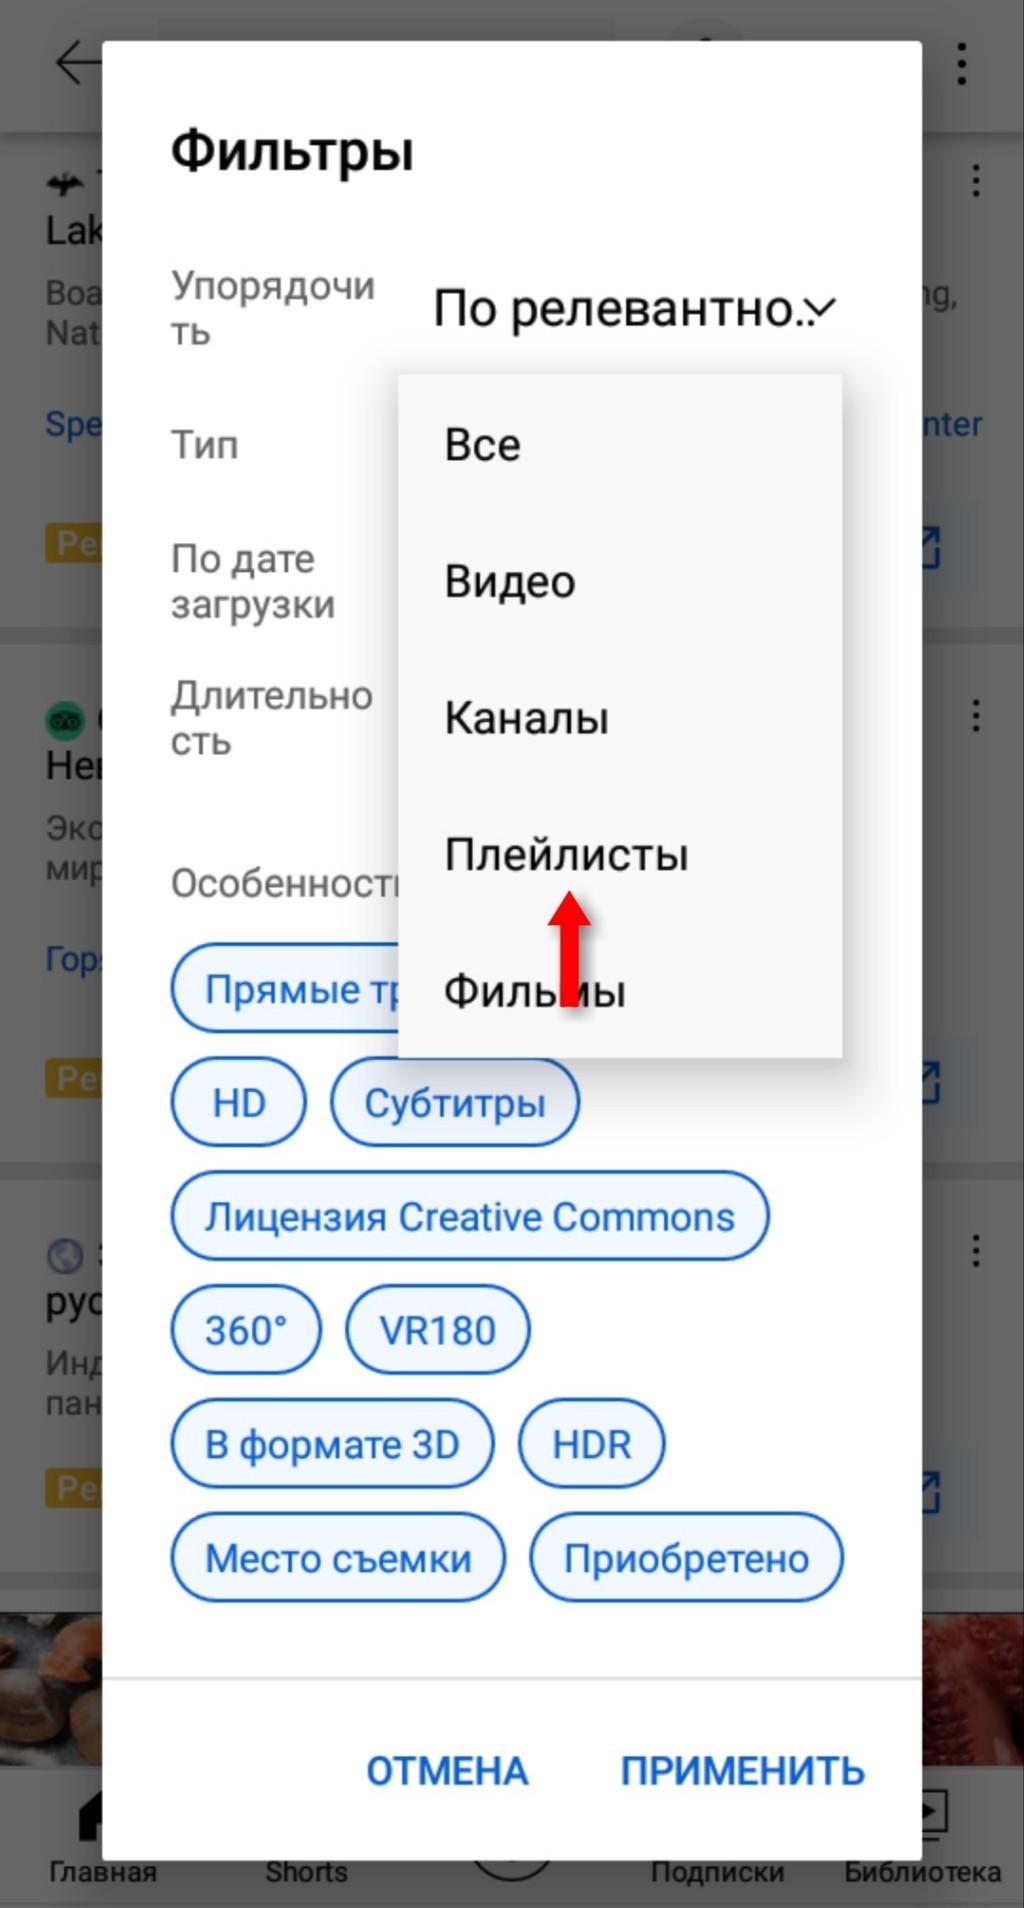 InFrame_1628016744396.jpg